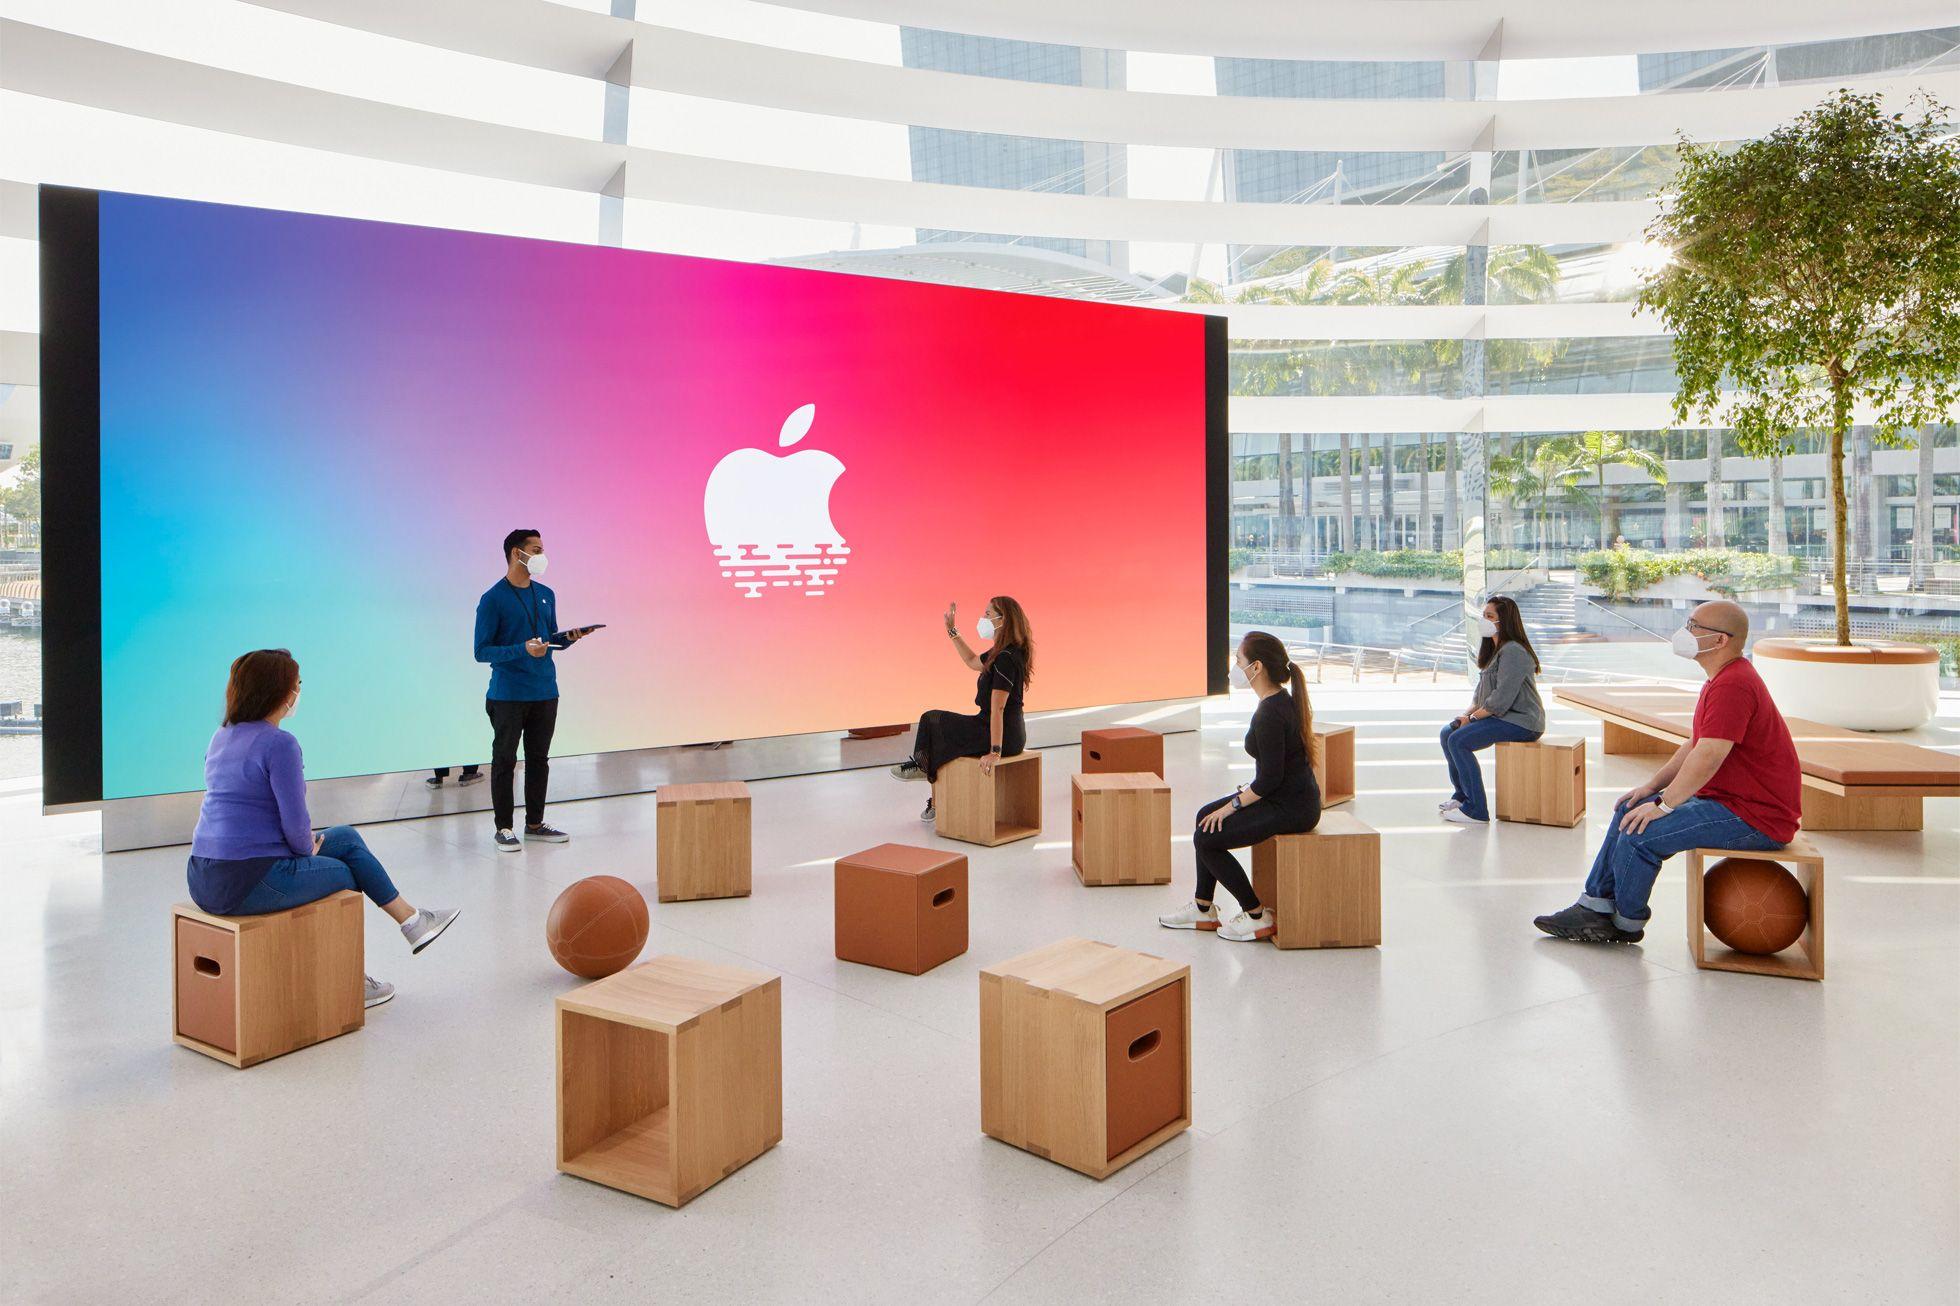 sau bao ngay cho doi, apple store ''noi tren mat nuoc'' chinh thuc khai truong khien fans dung ngoi khong yen - anh 13